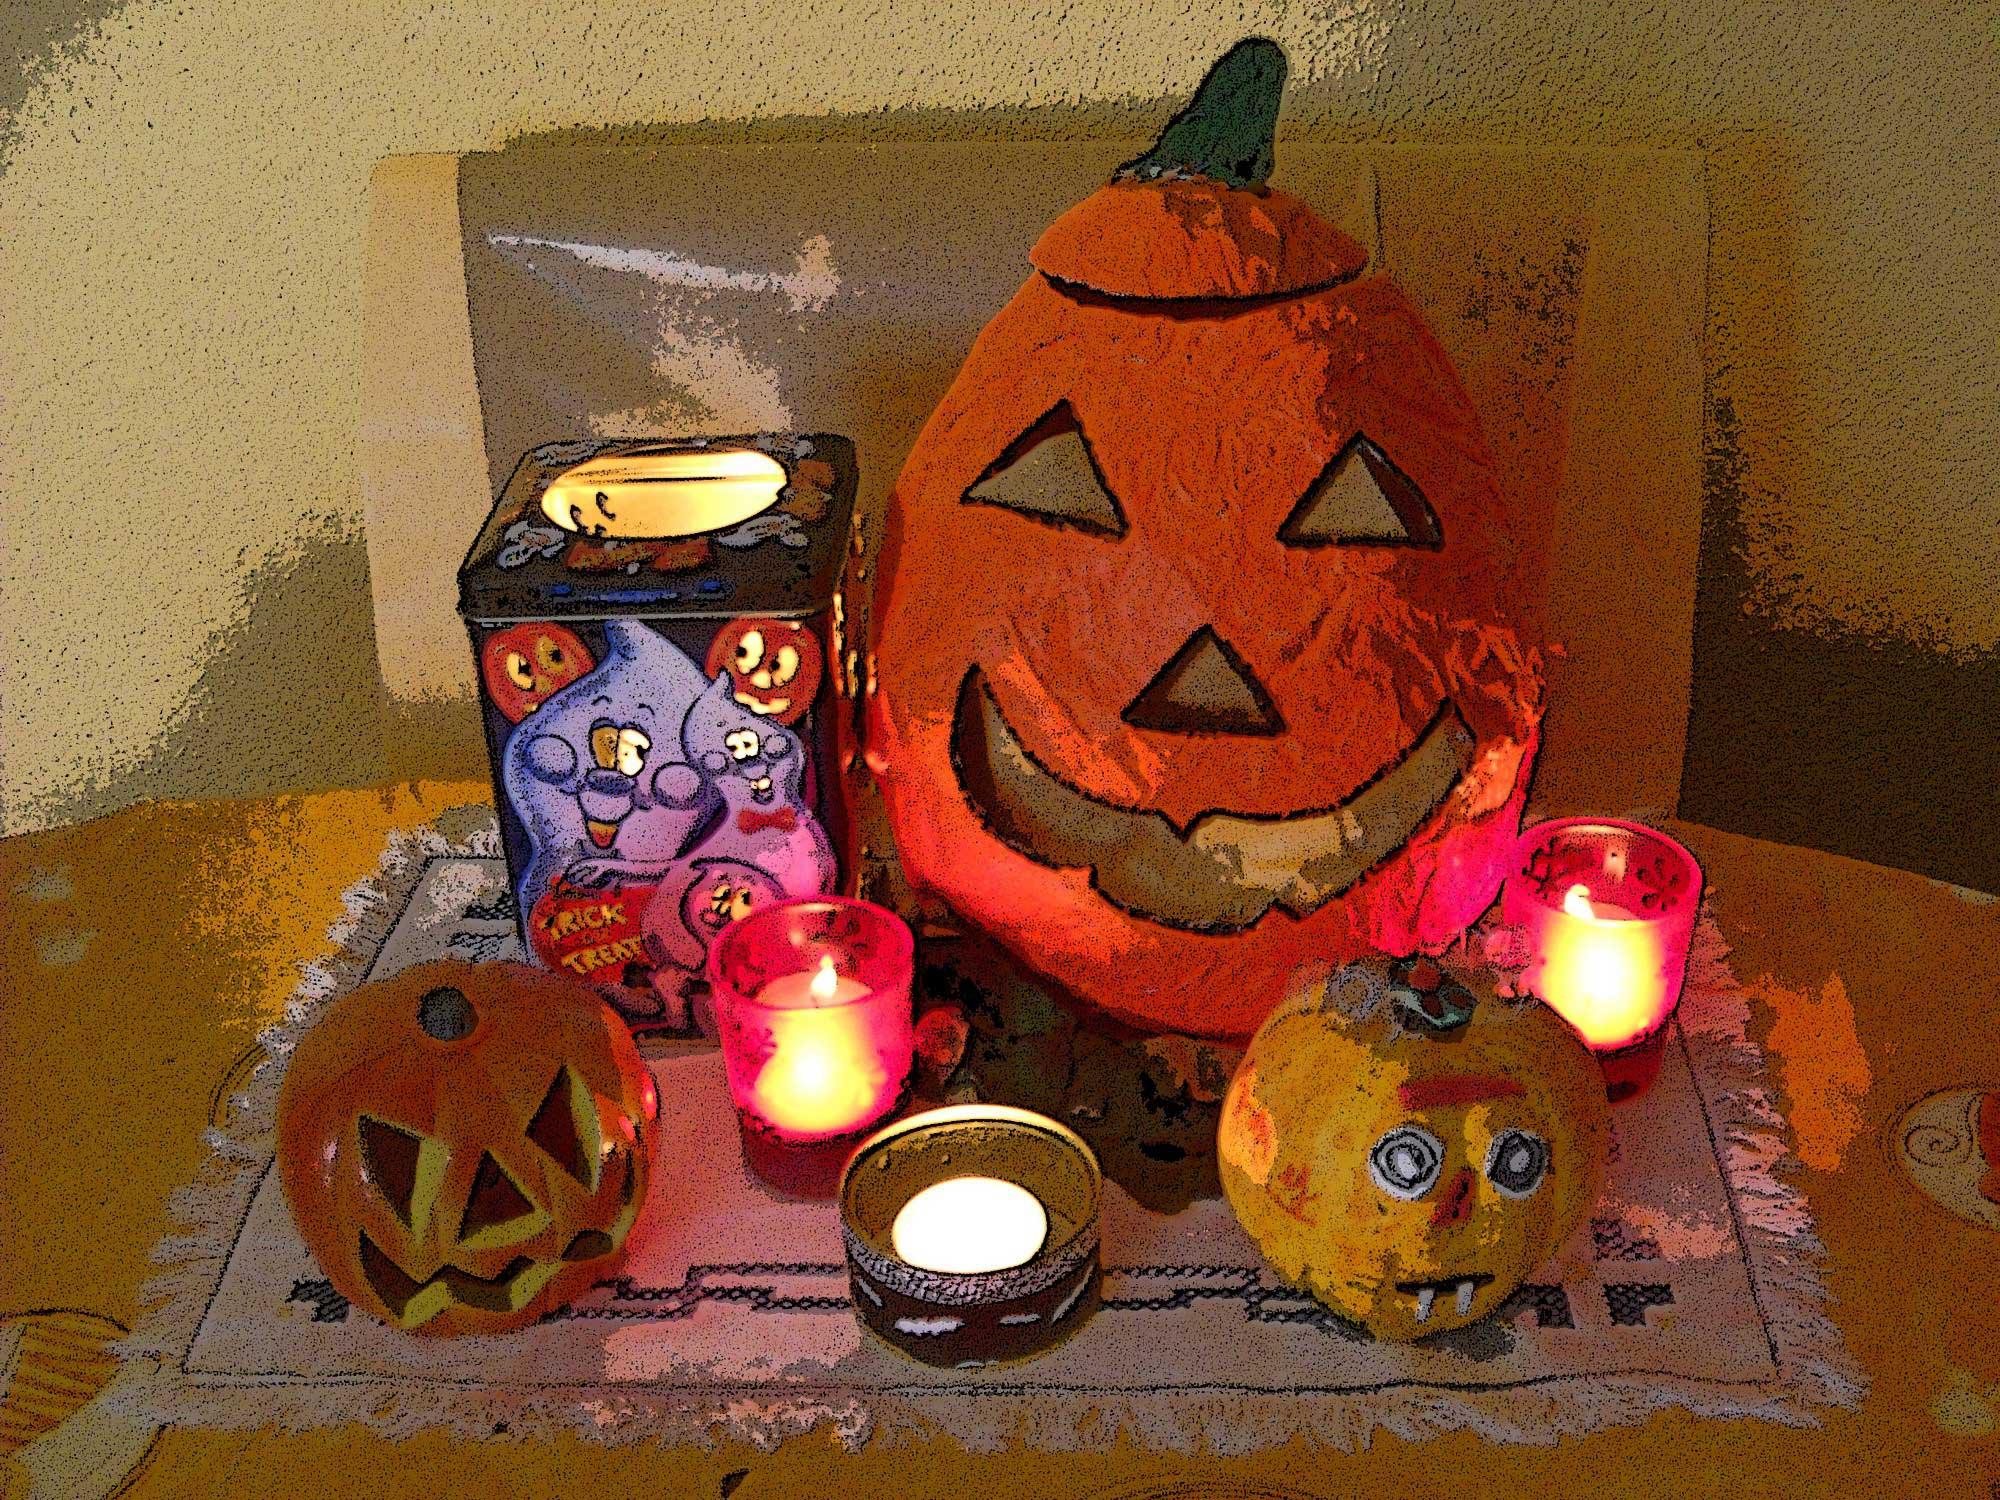 Halloween manualidades para ni os calabazas de halloween - Decorar calabazas para halloween infantiles ...